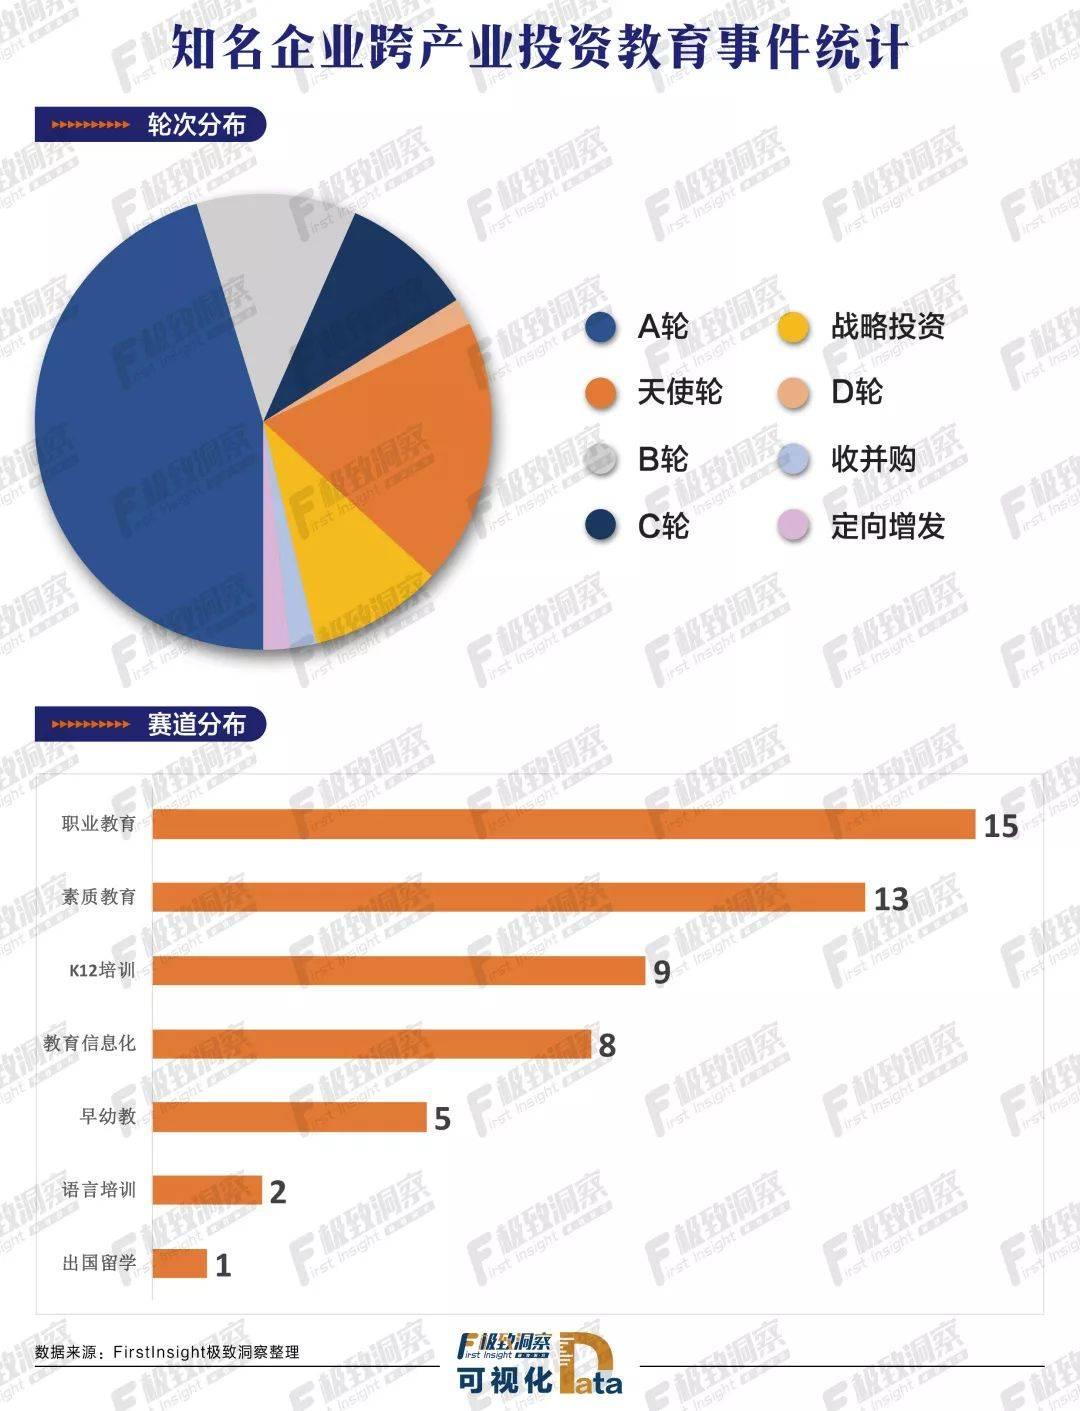 知名企业跨产业投资教育事件统计